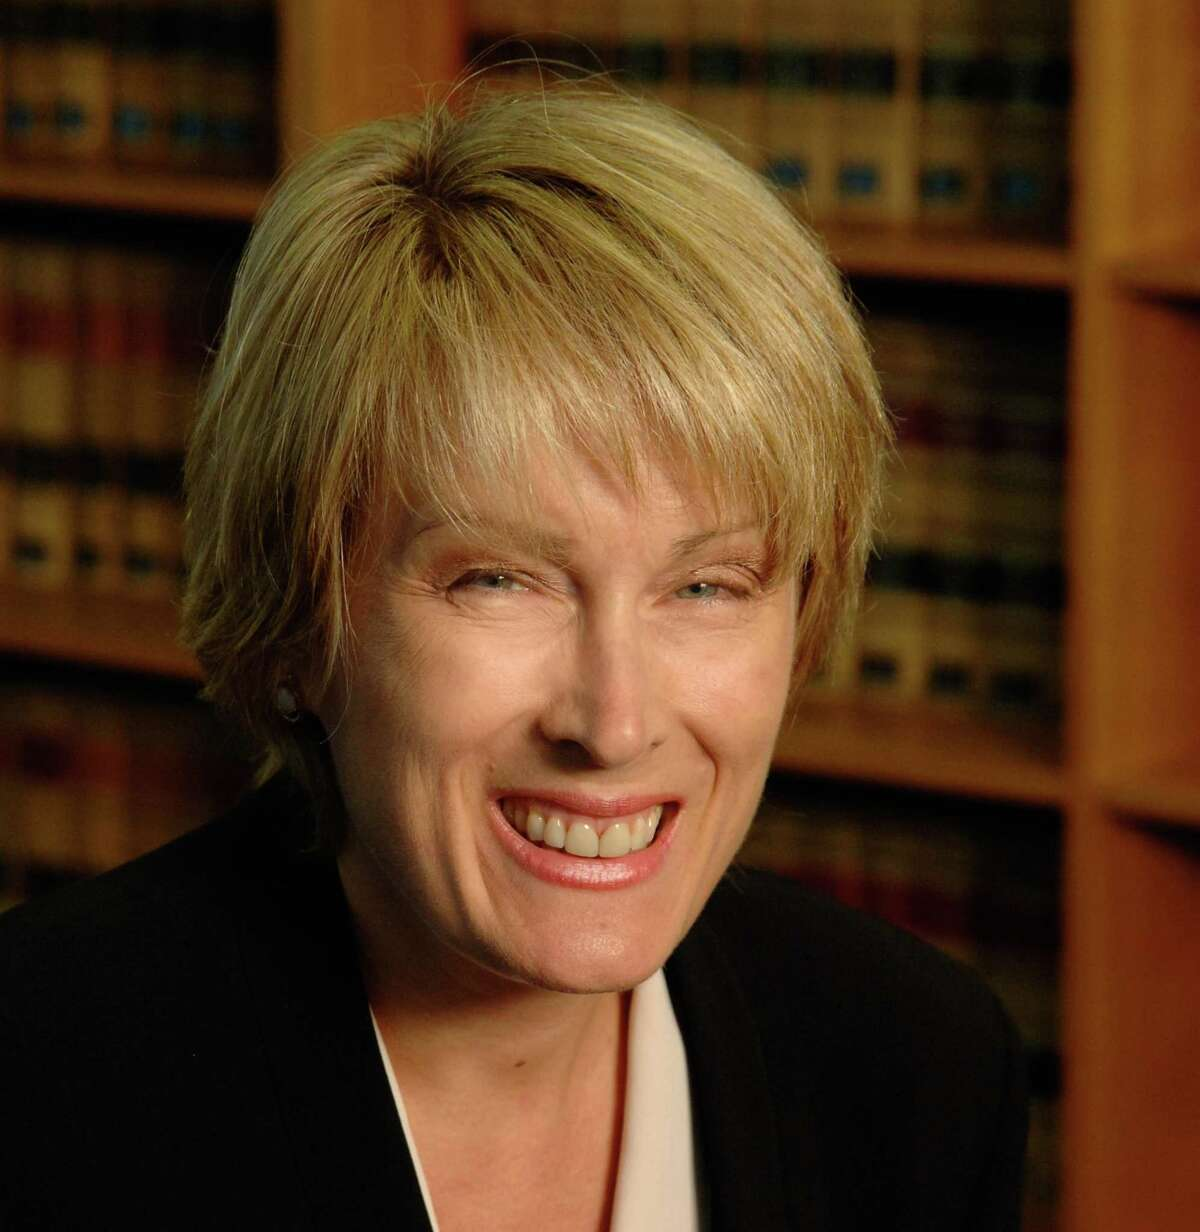 Judge Donna Nelson Heller